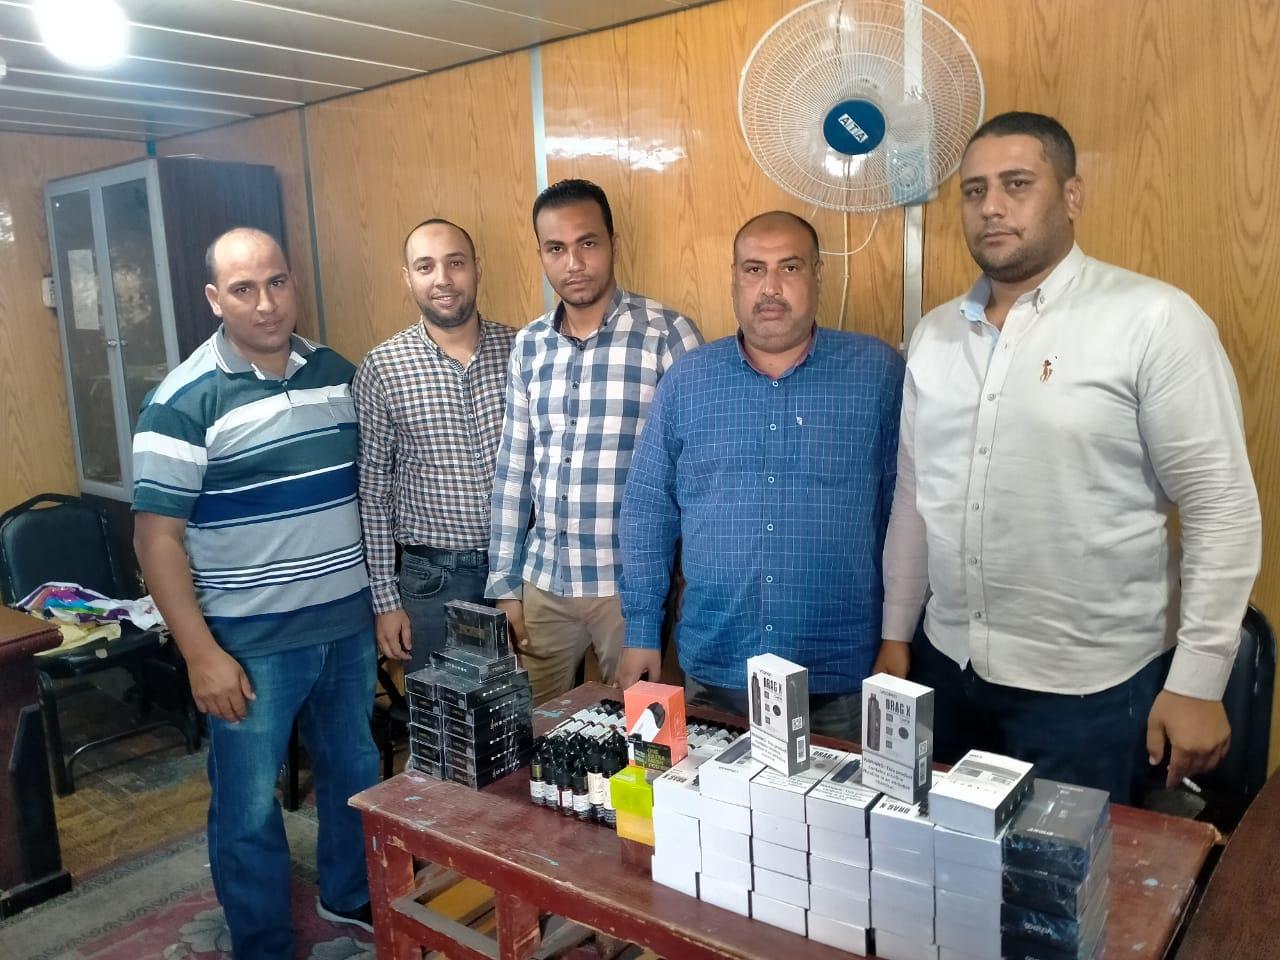 تهرب عدد من الأسلحة البيضاء والهواتف المحمولة والسجائر الإلكترونية (2)